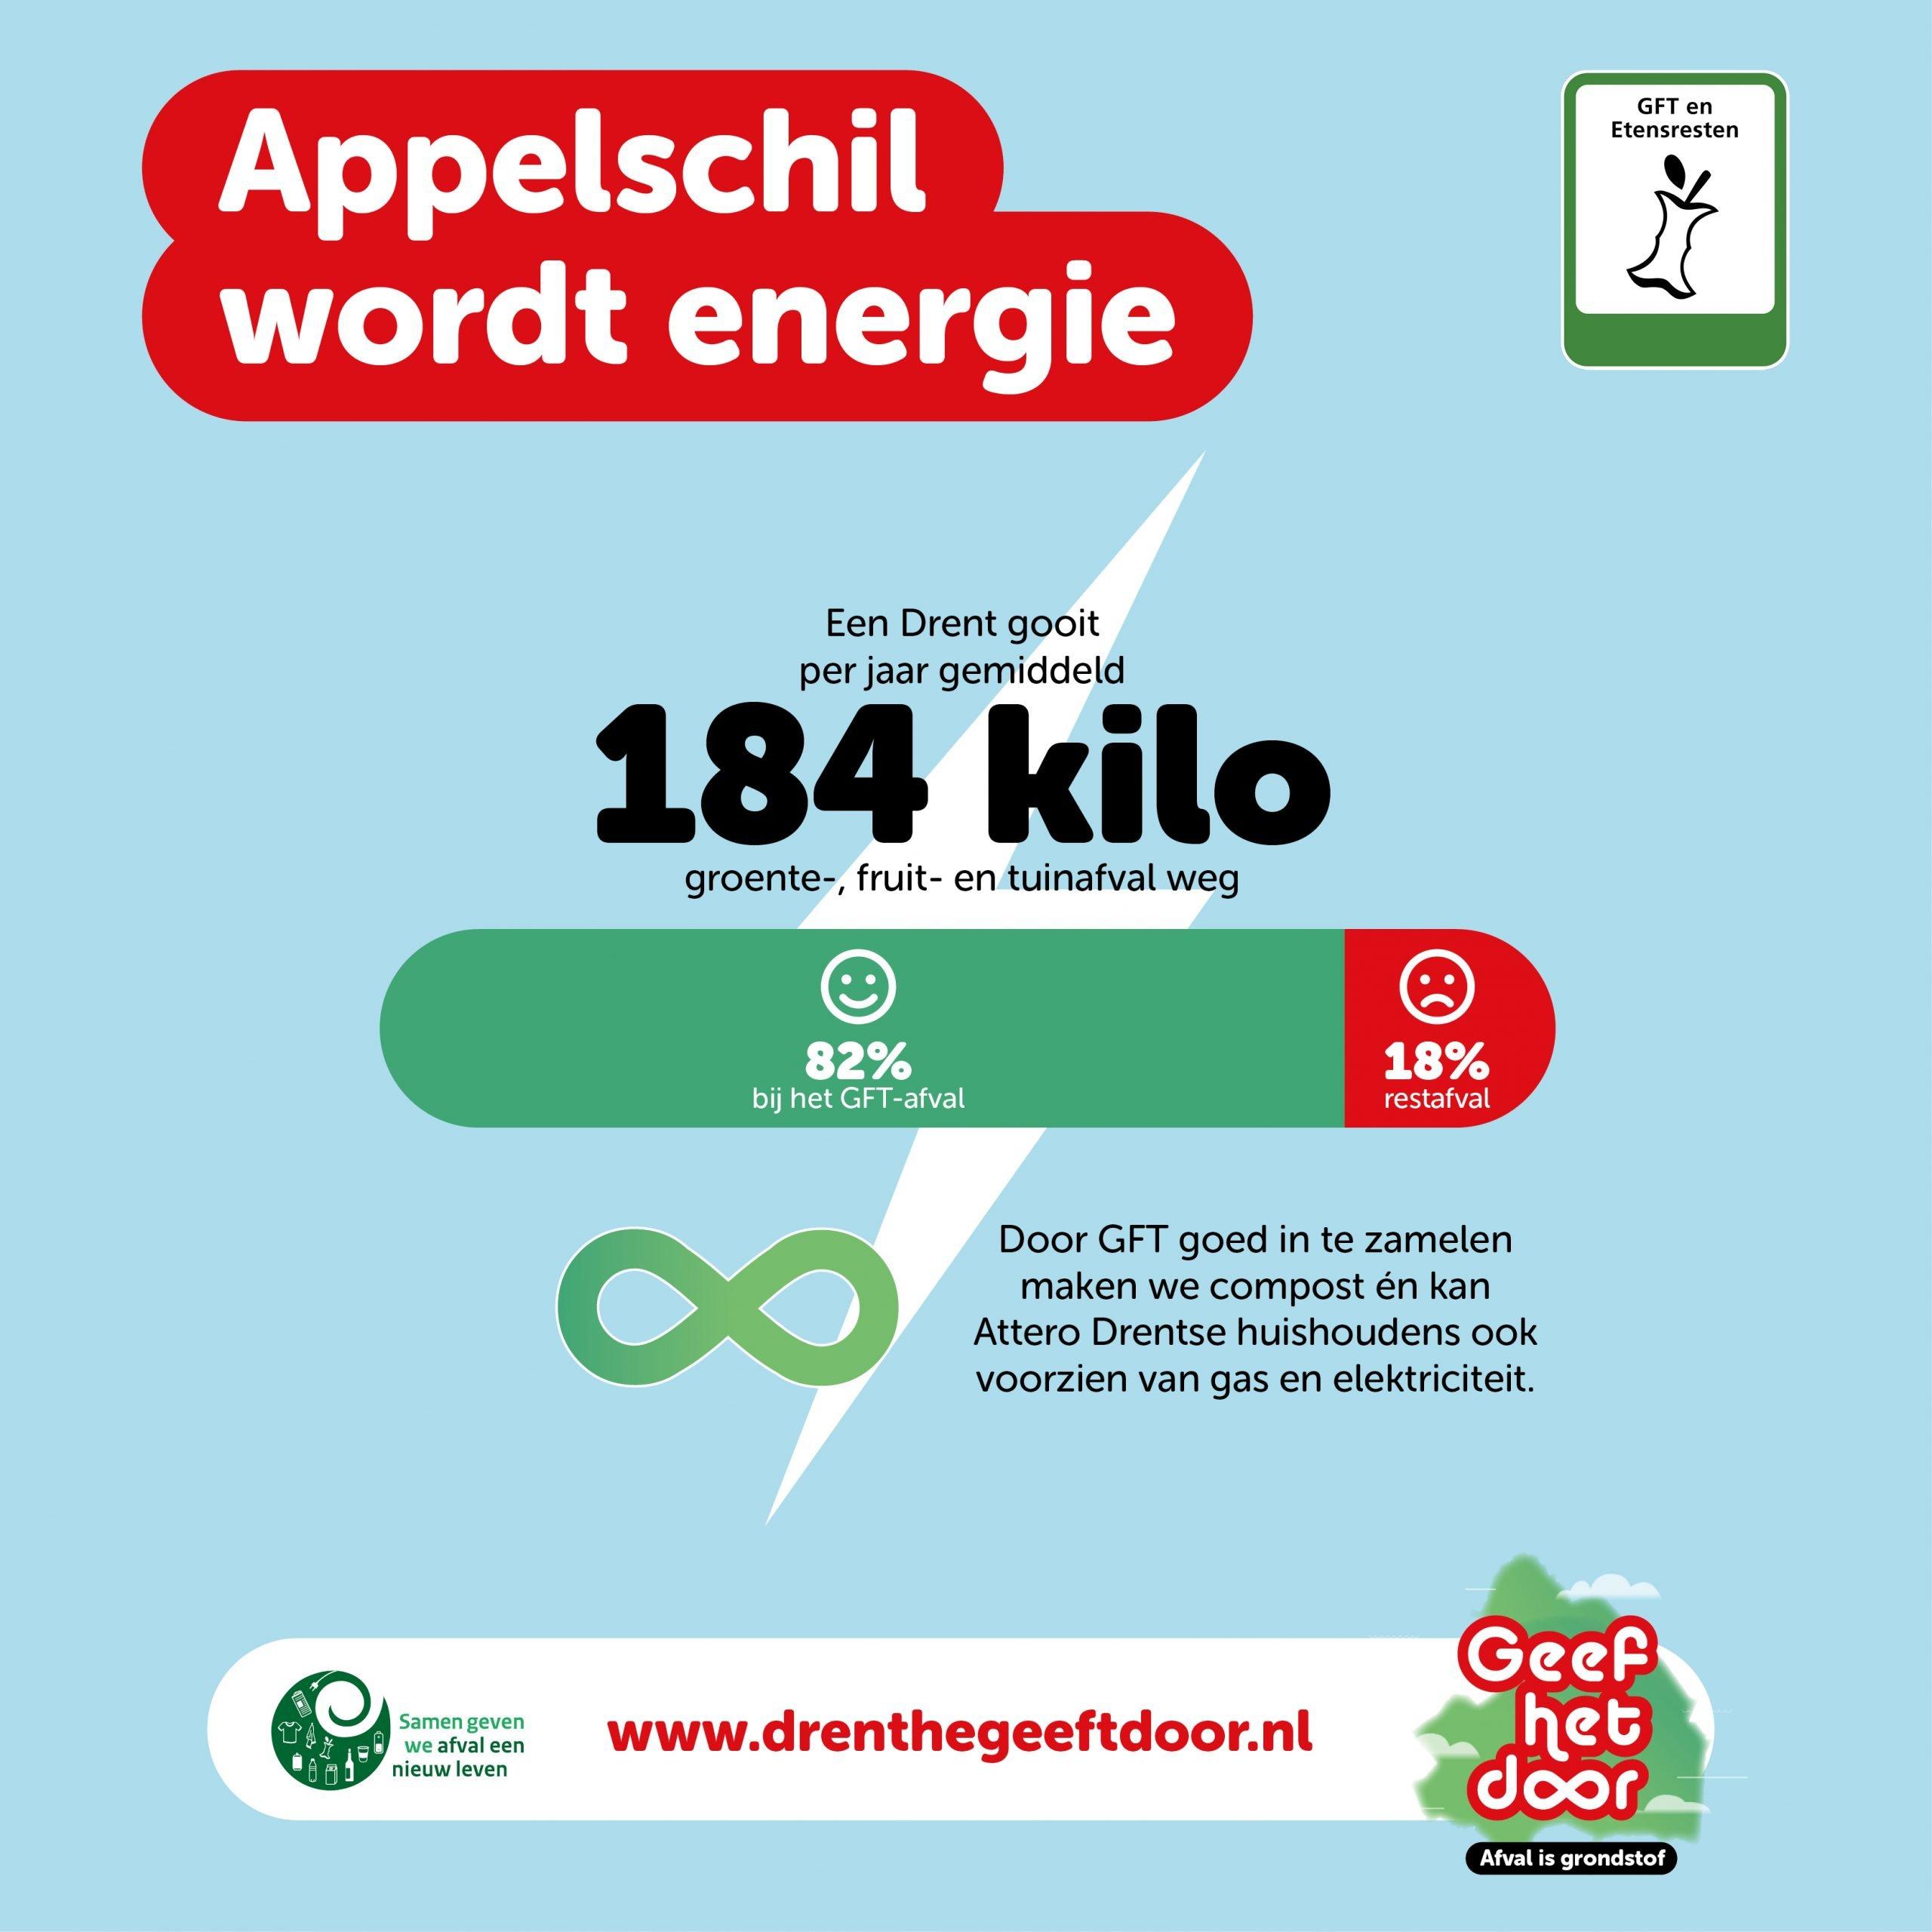 Appelschil wordt energie